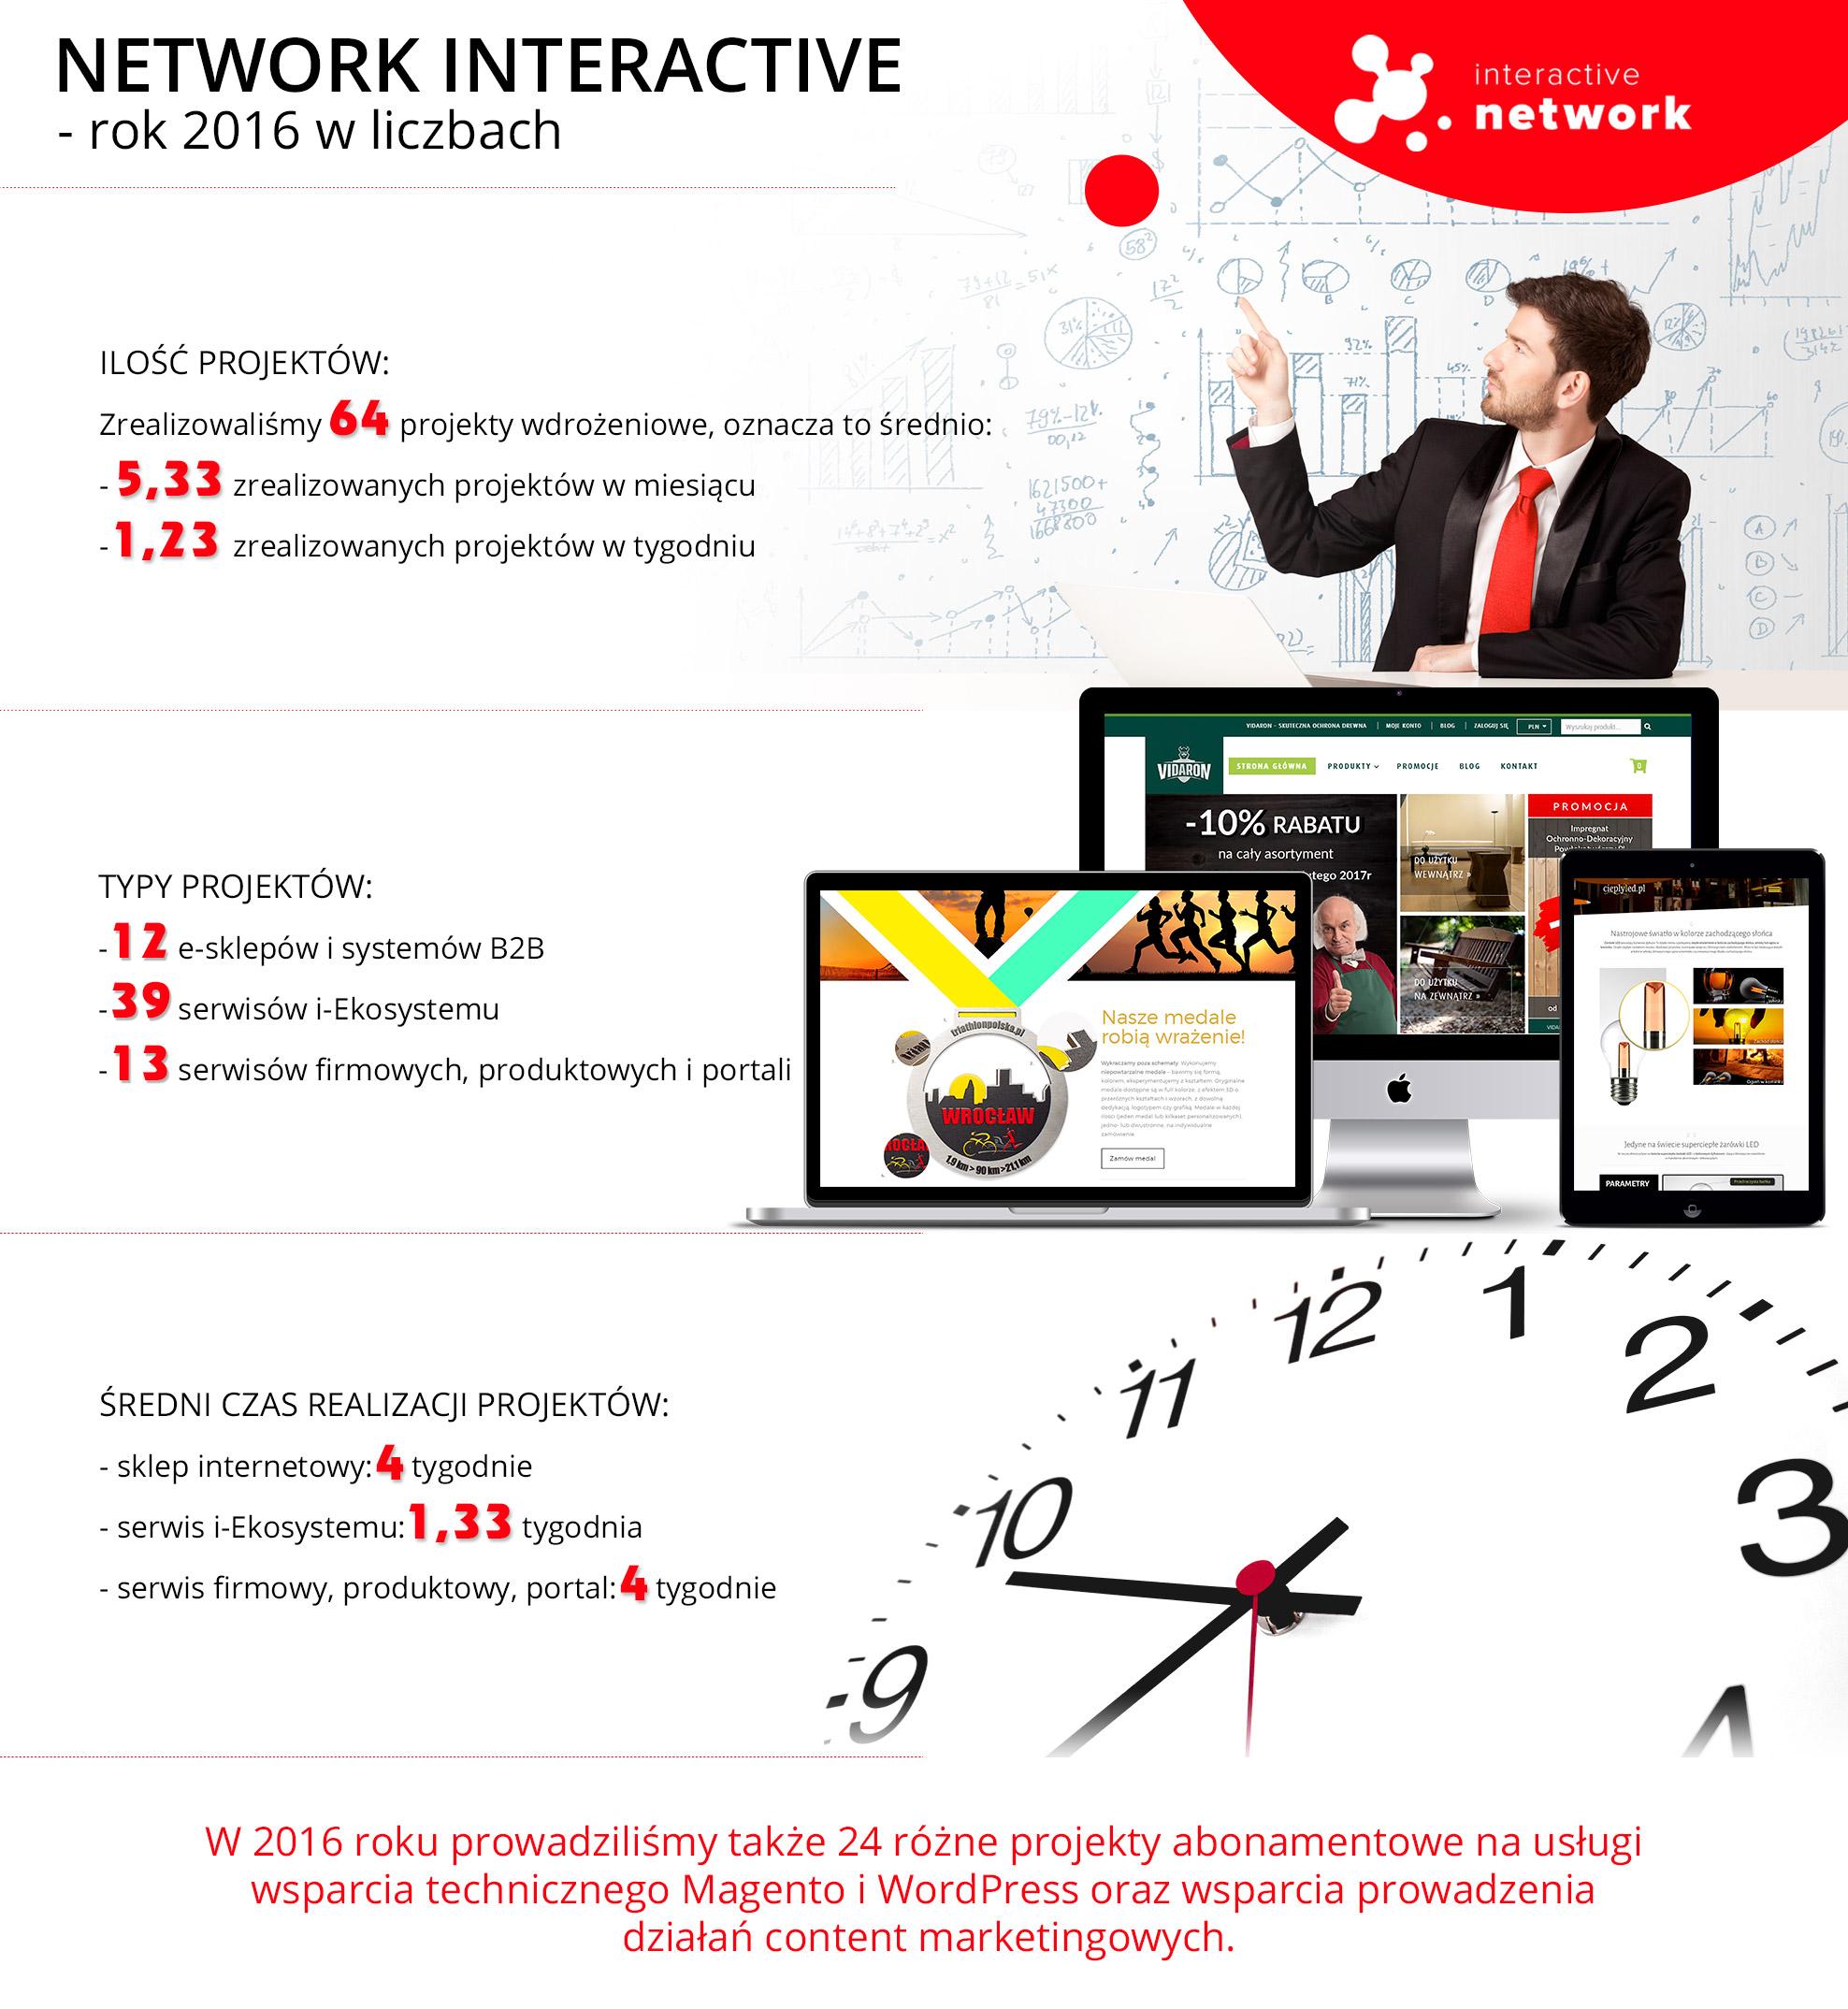 Infografika - podsumowanie roku 2016 w Network Interactive